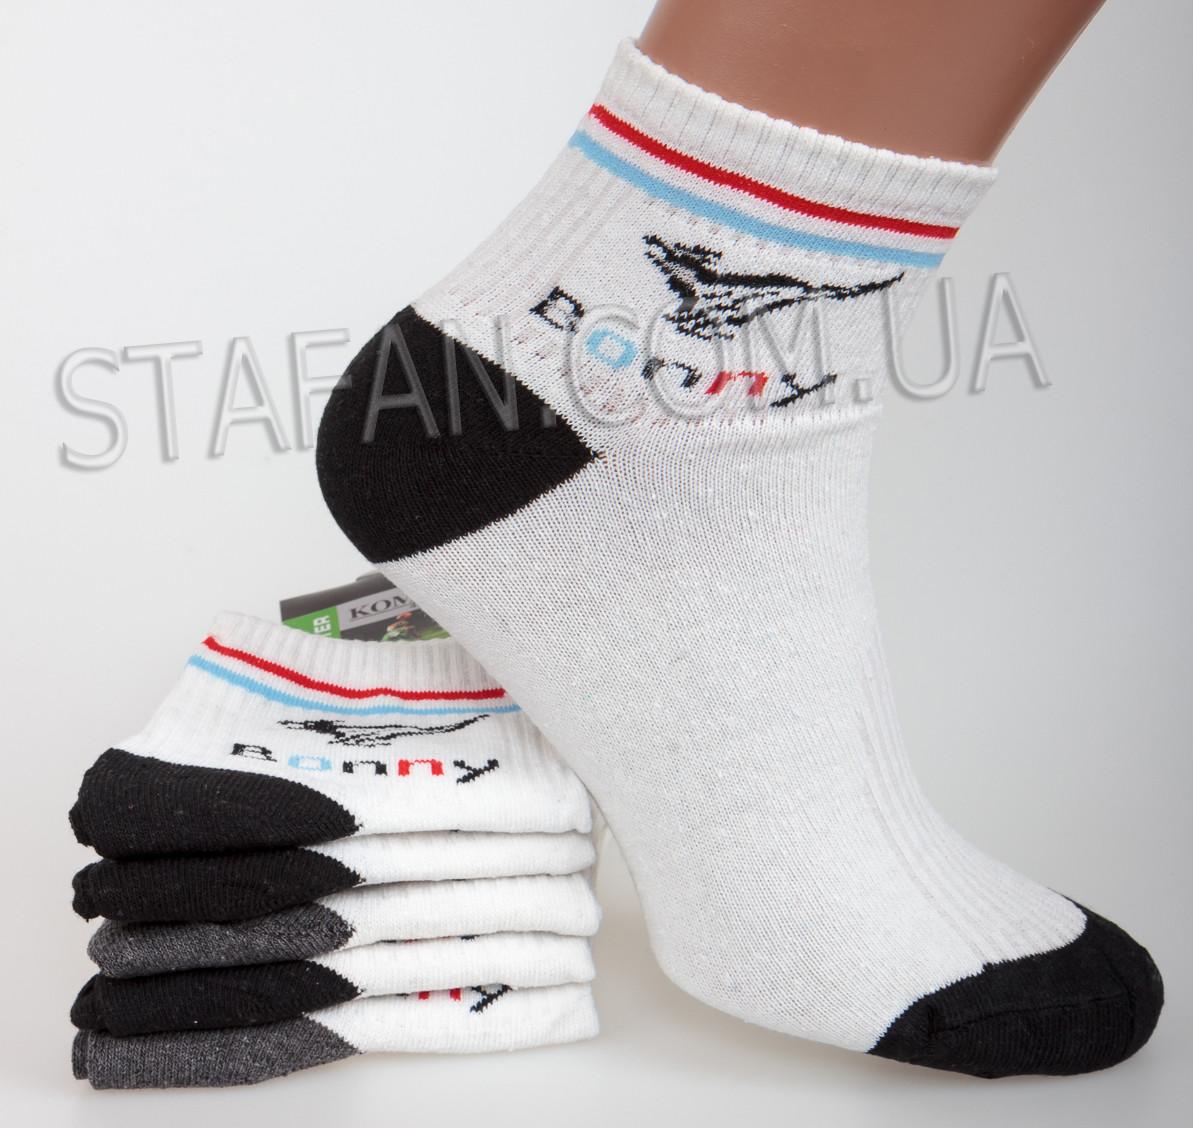 Продам носки оптом цена 5-6-1. В упаковке 12 пар